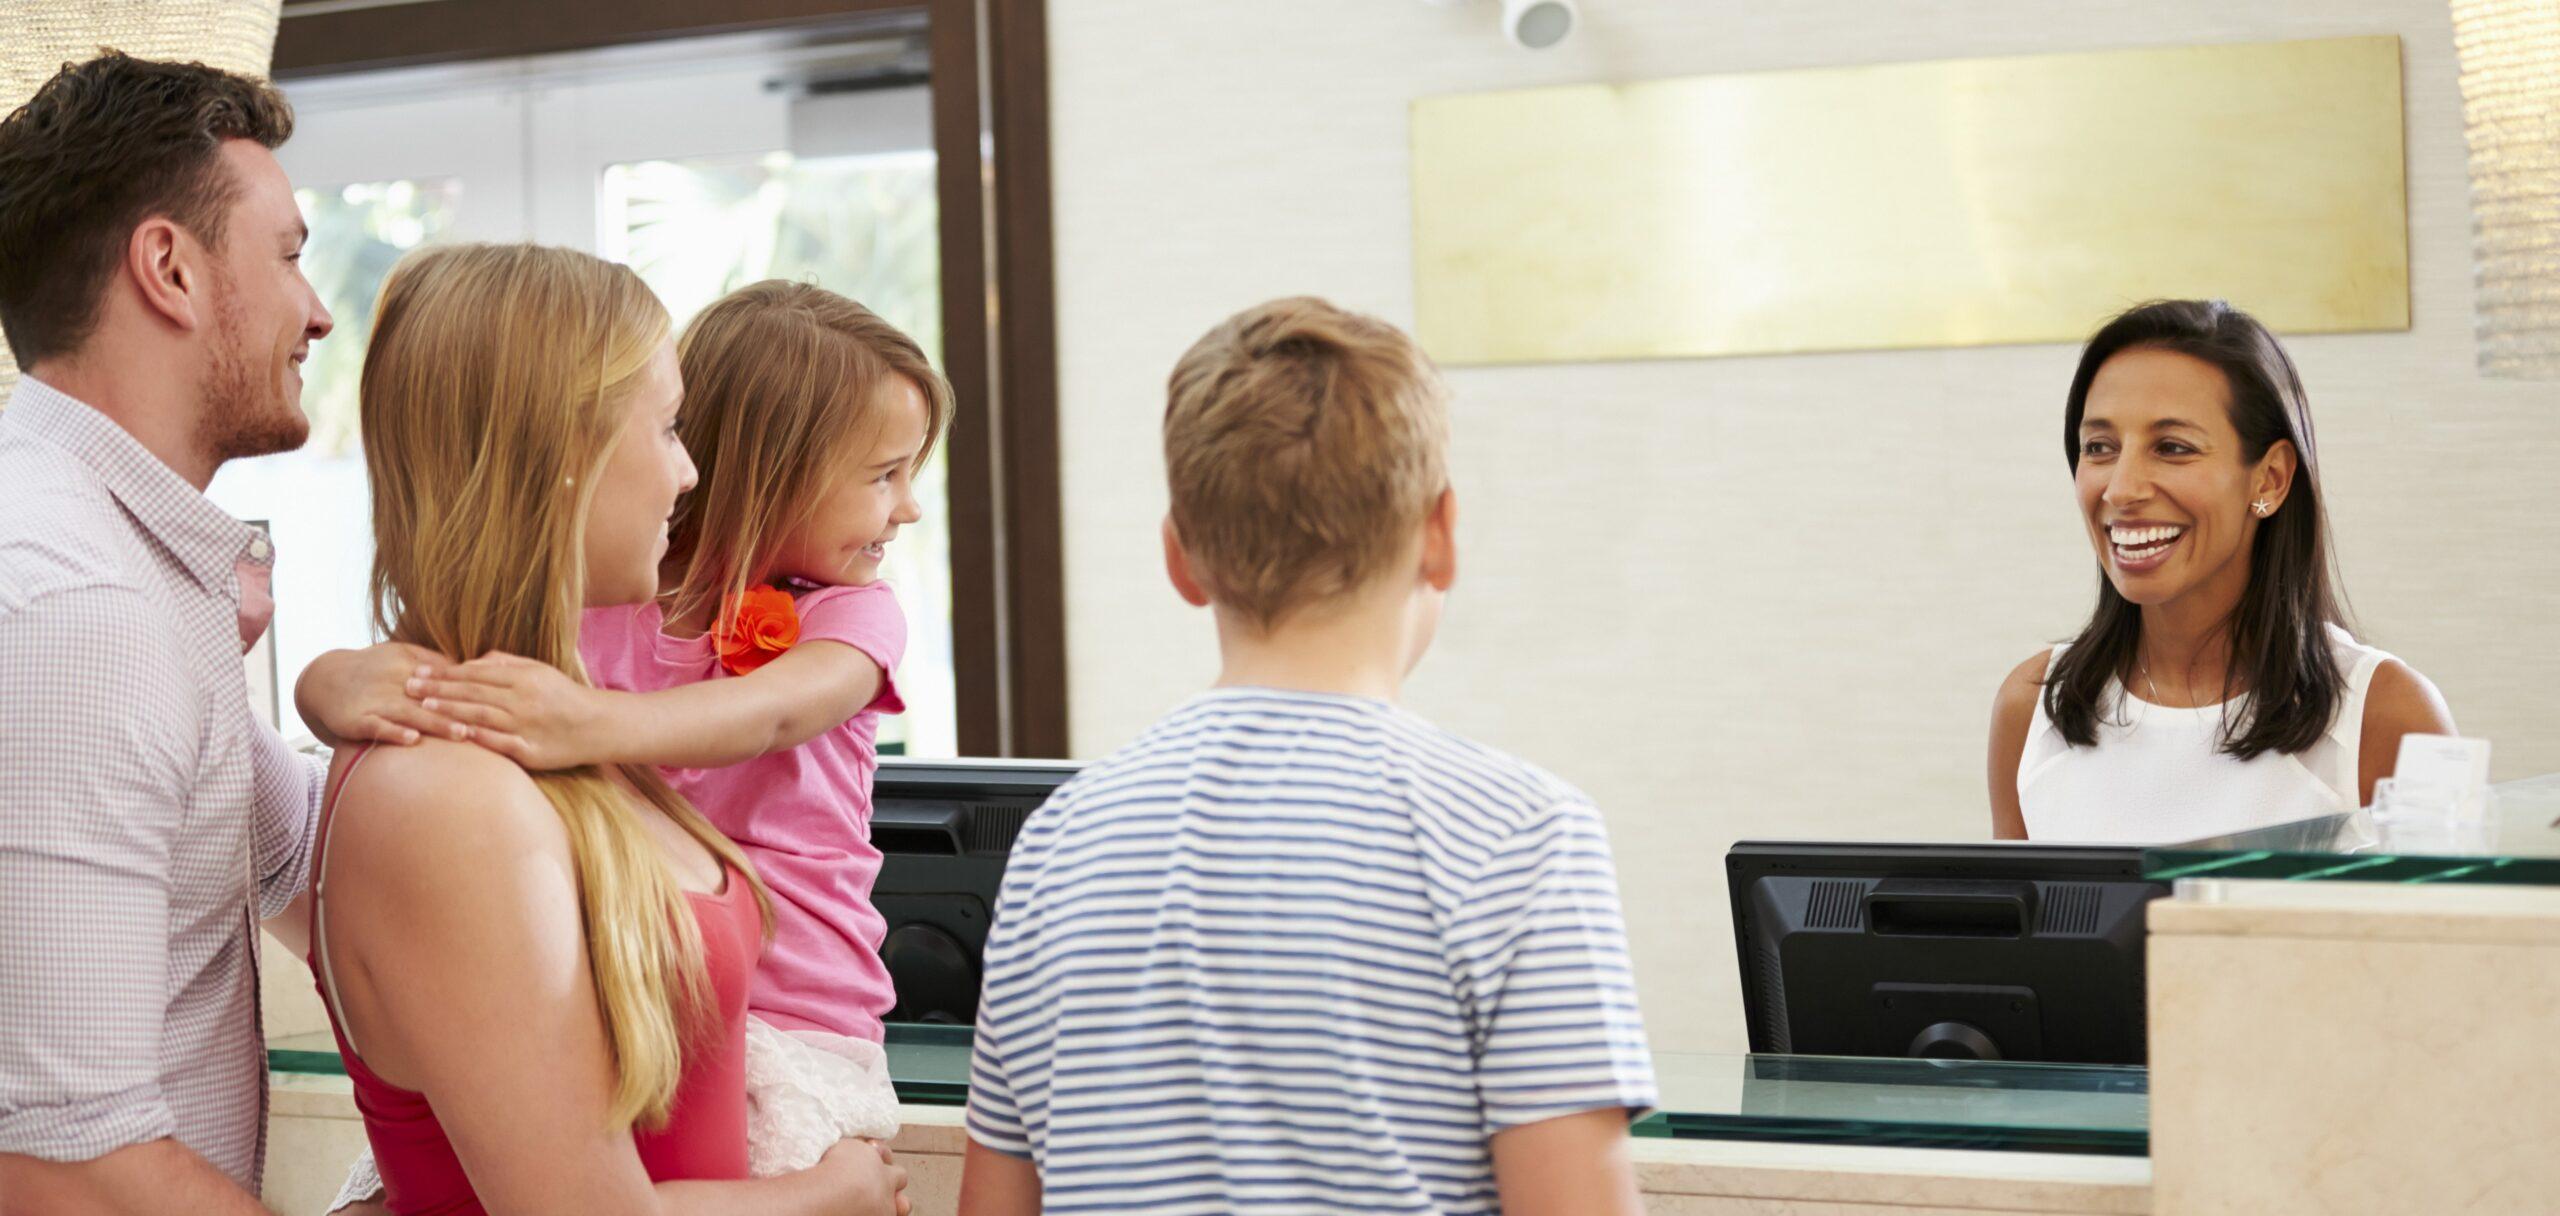 Customer Service là gì? 5 cách tối ưu dịch vụ khách hàng trong ngành bán lẻ